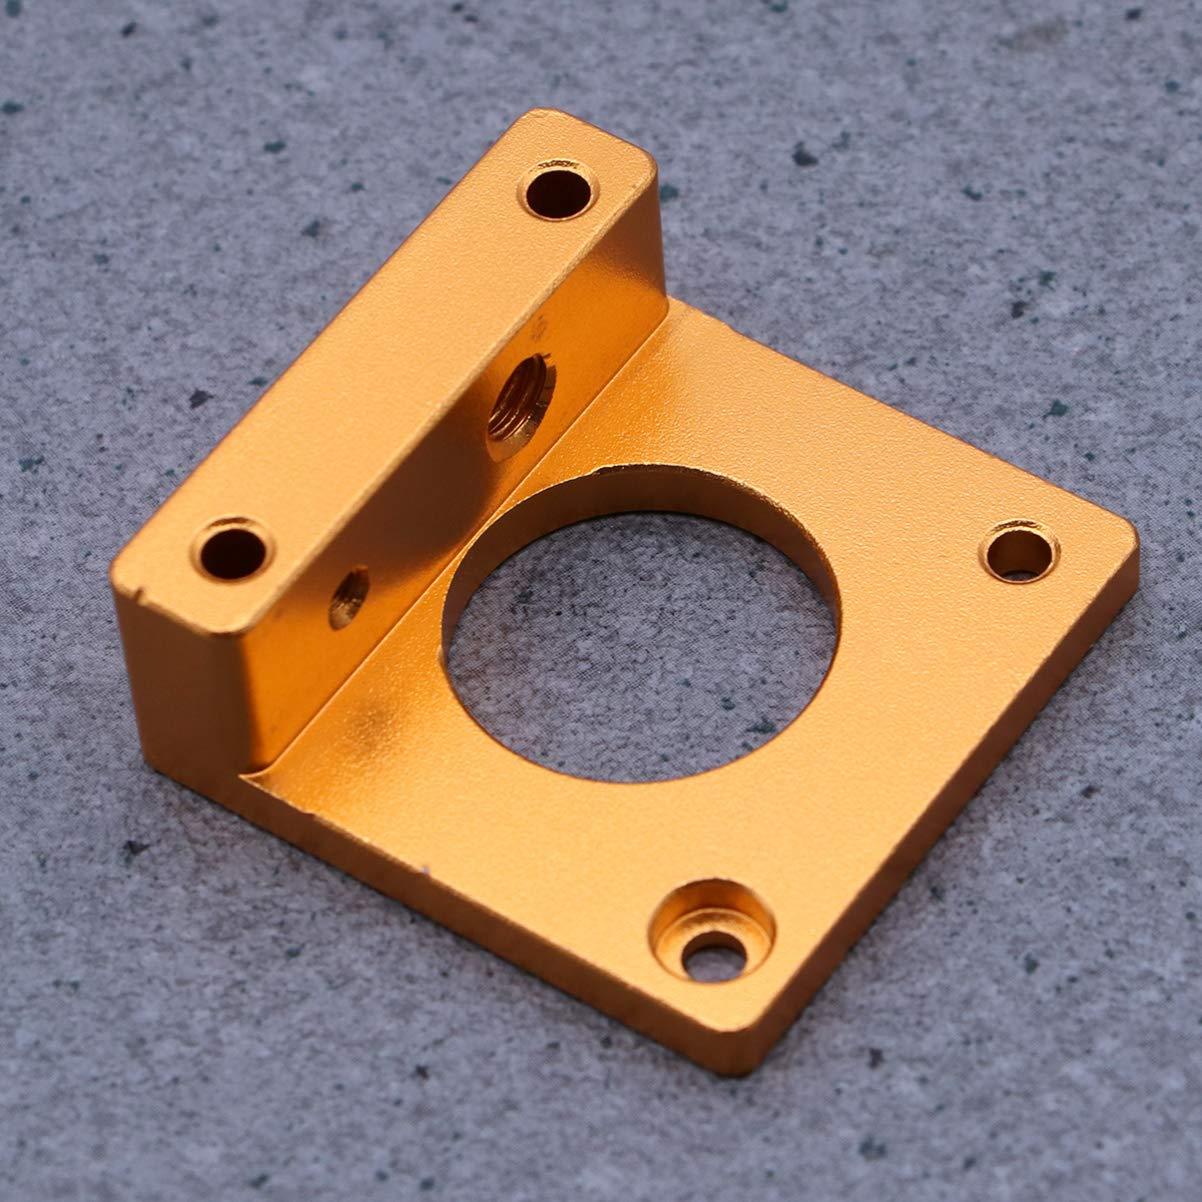 ULTECHNOVO kit fai da te mk8 estruso in lega di alluminio blocco bowden estrusore filamento per accessori per stampante 3d ender creality